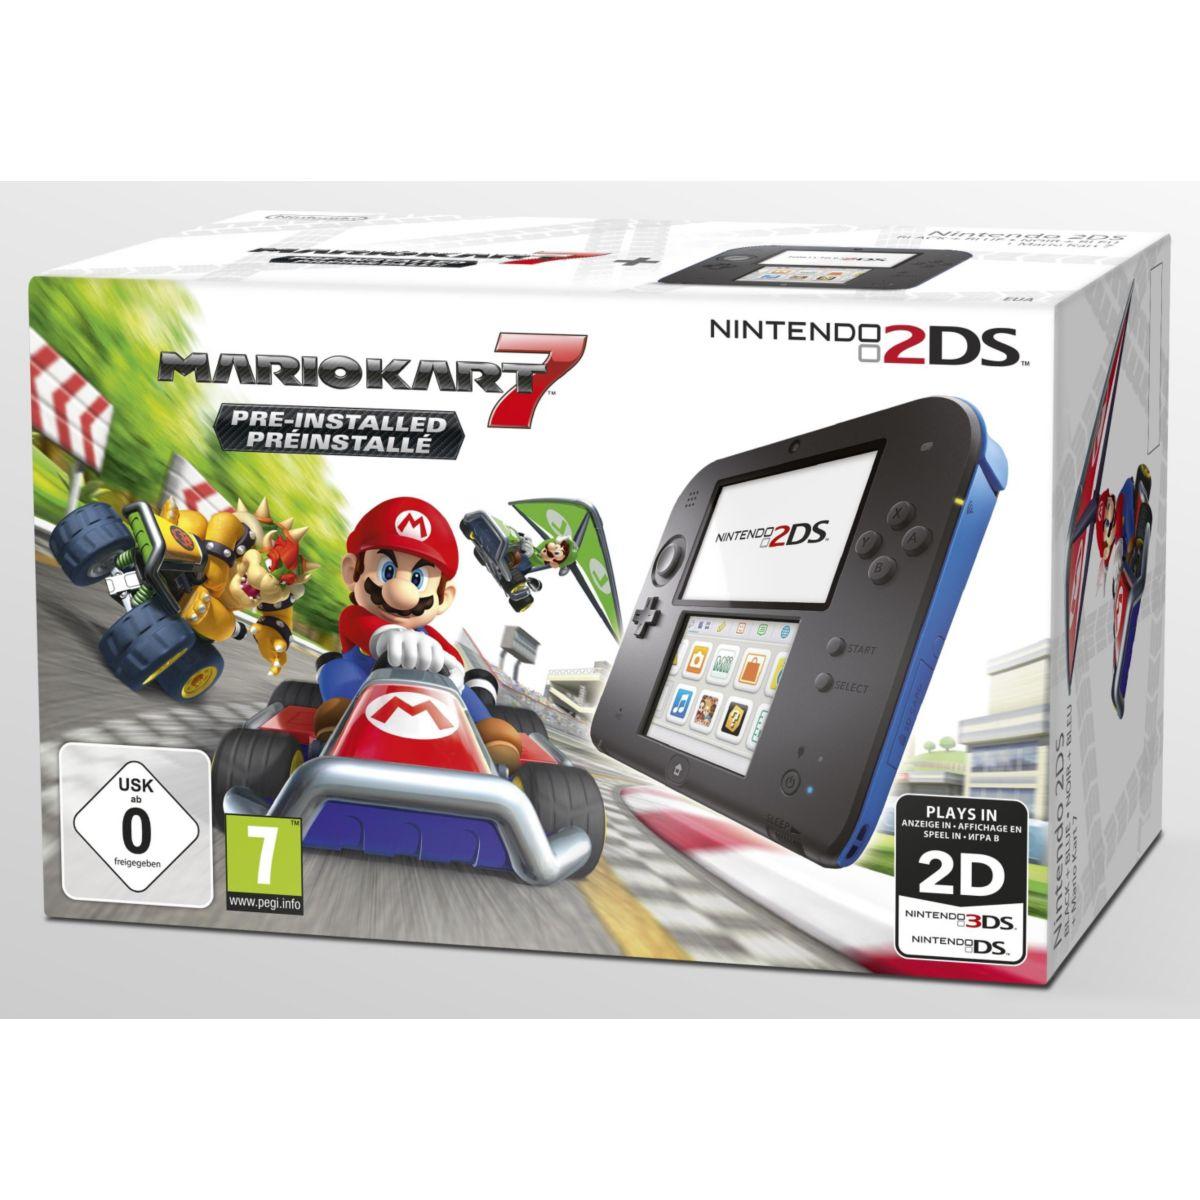 Console NINTENDO 2DS Noire/Bleue + Mario Kart 7